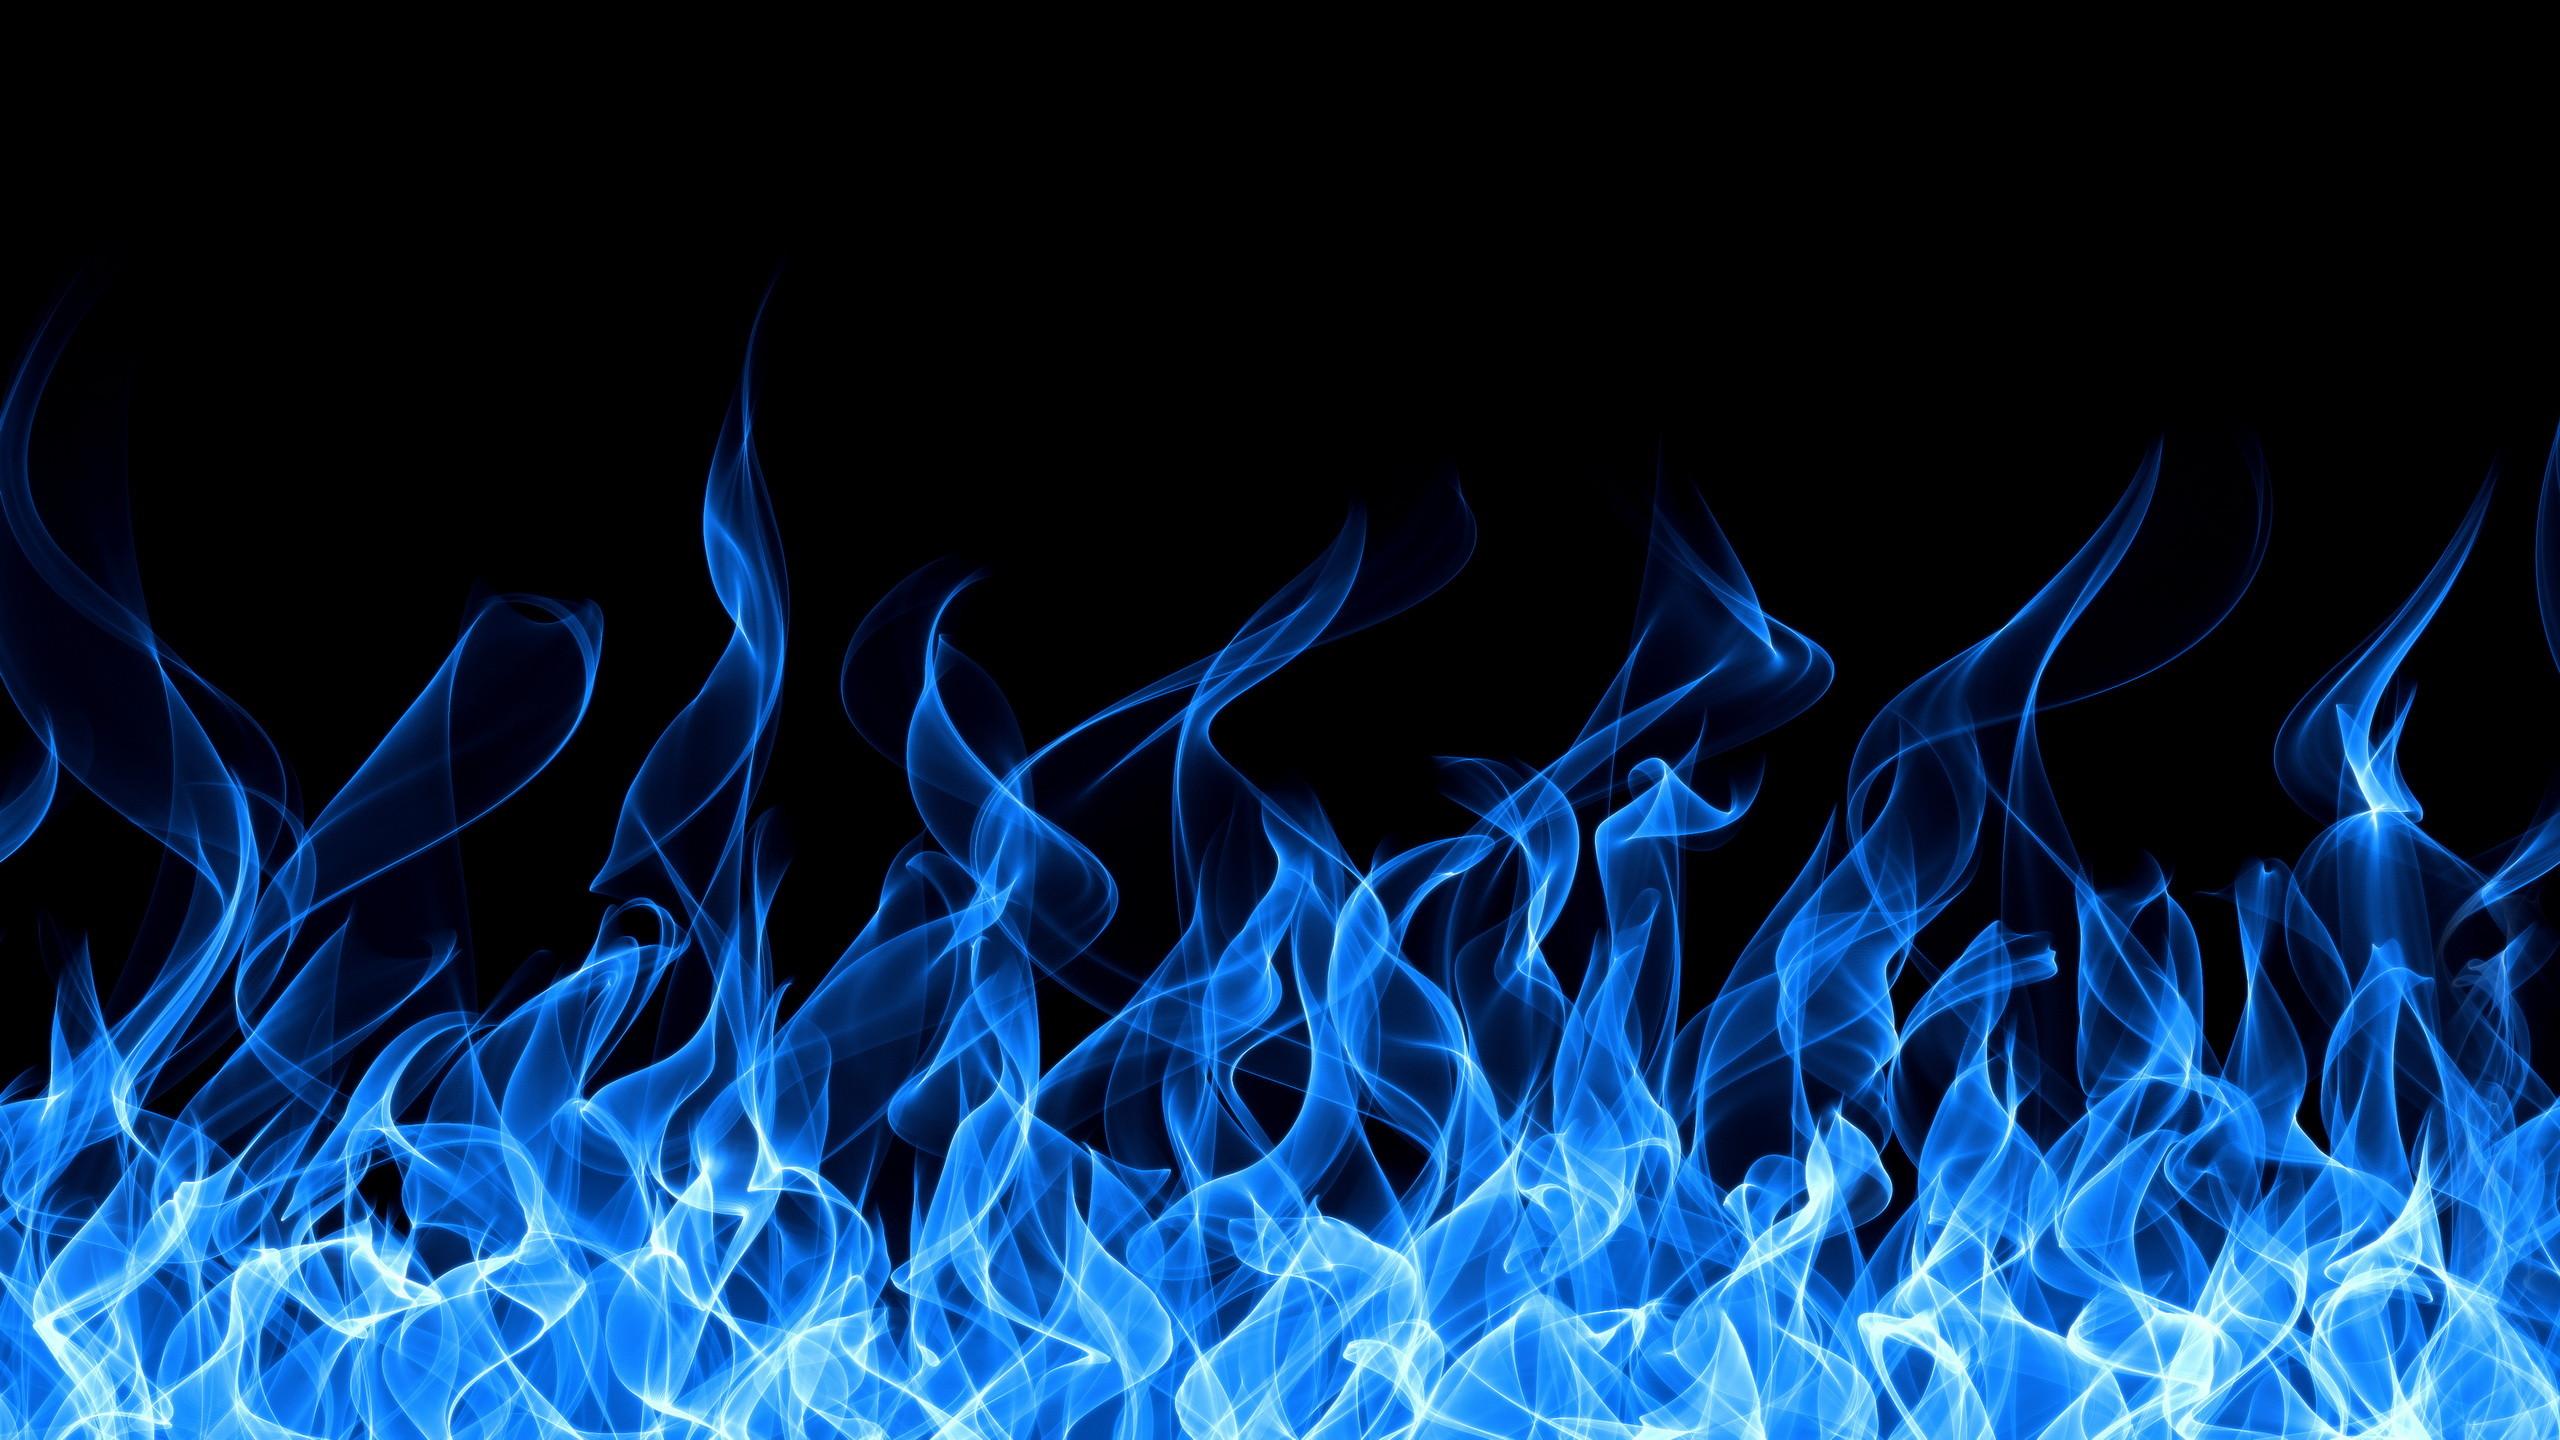 gallery blue fire hd wallpaper lamborghini aventador mobile wallpaper .